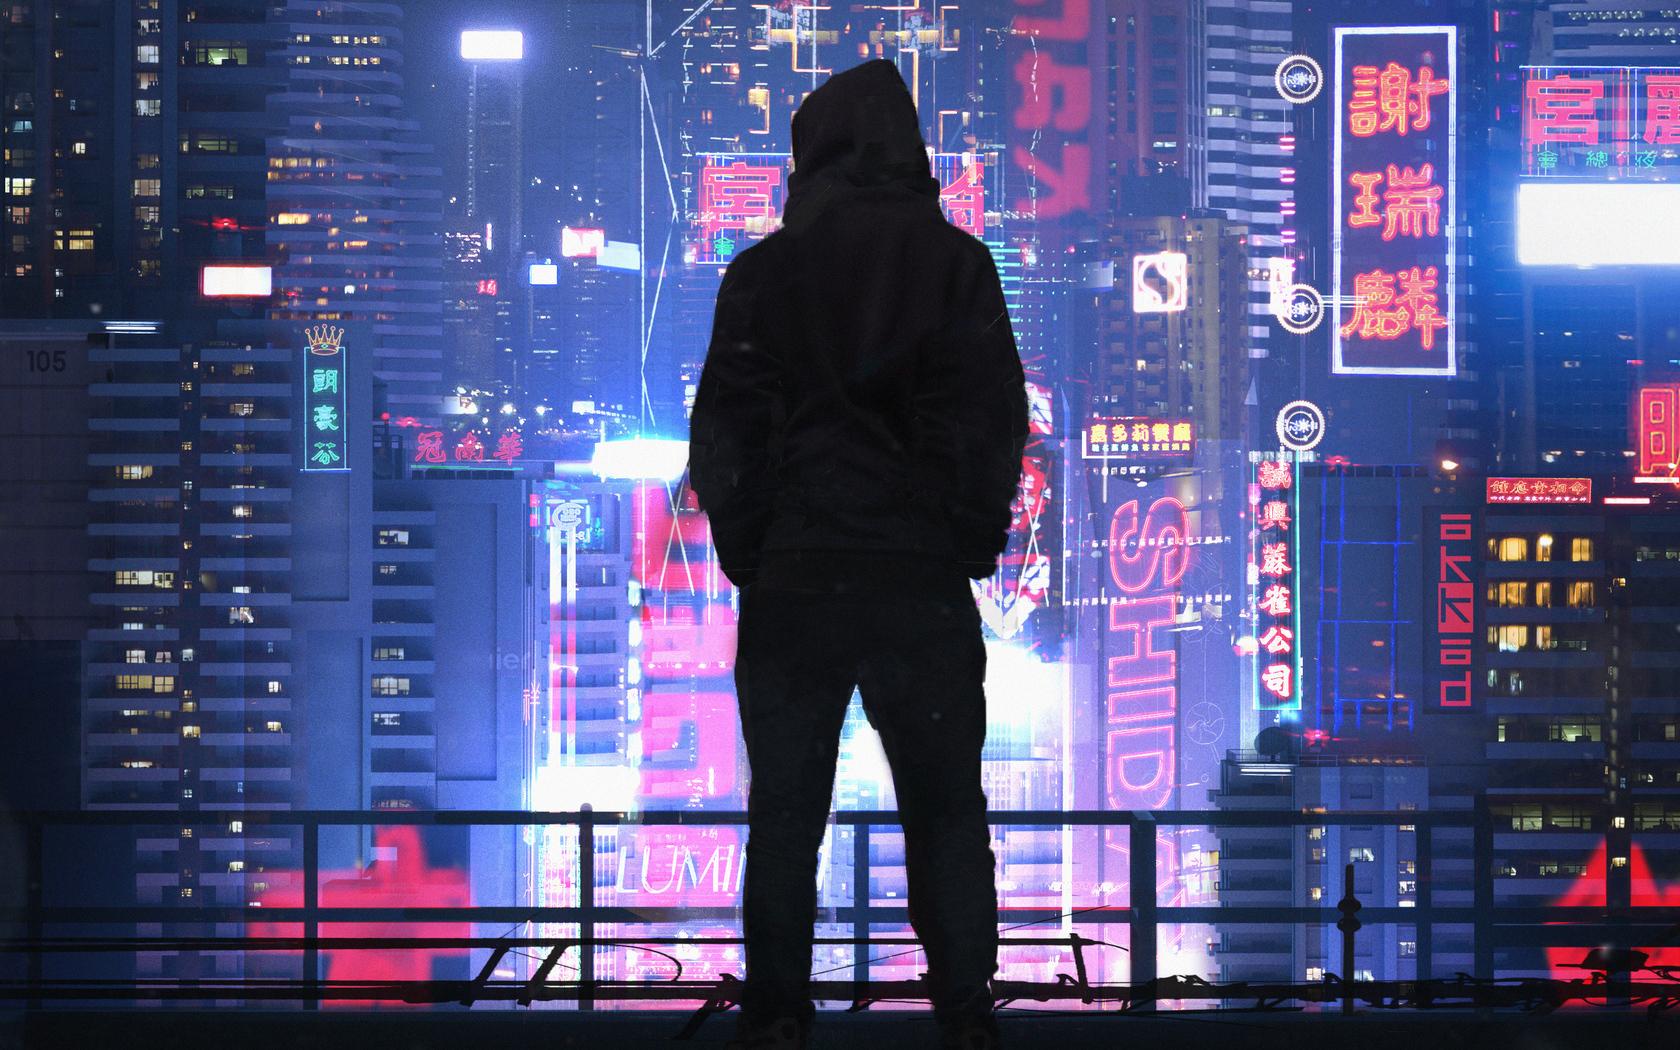 General 1680x1050 cyberpunk Dark Cyberpunk men city synthwave futuristic futuristic city neon black